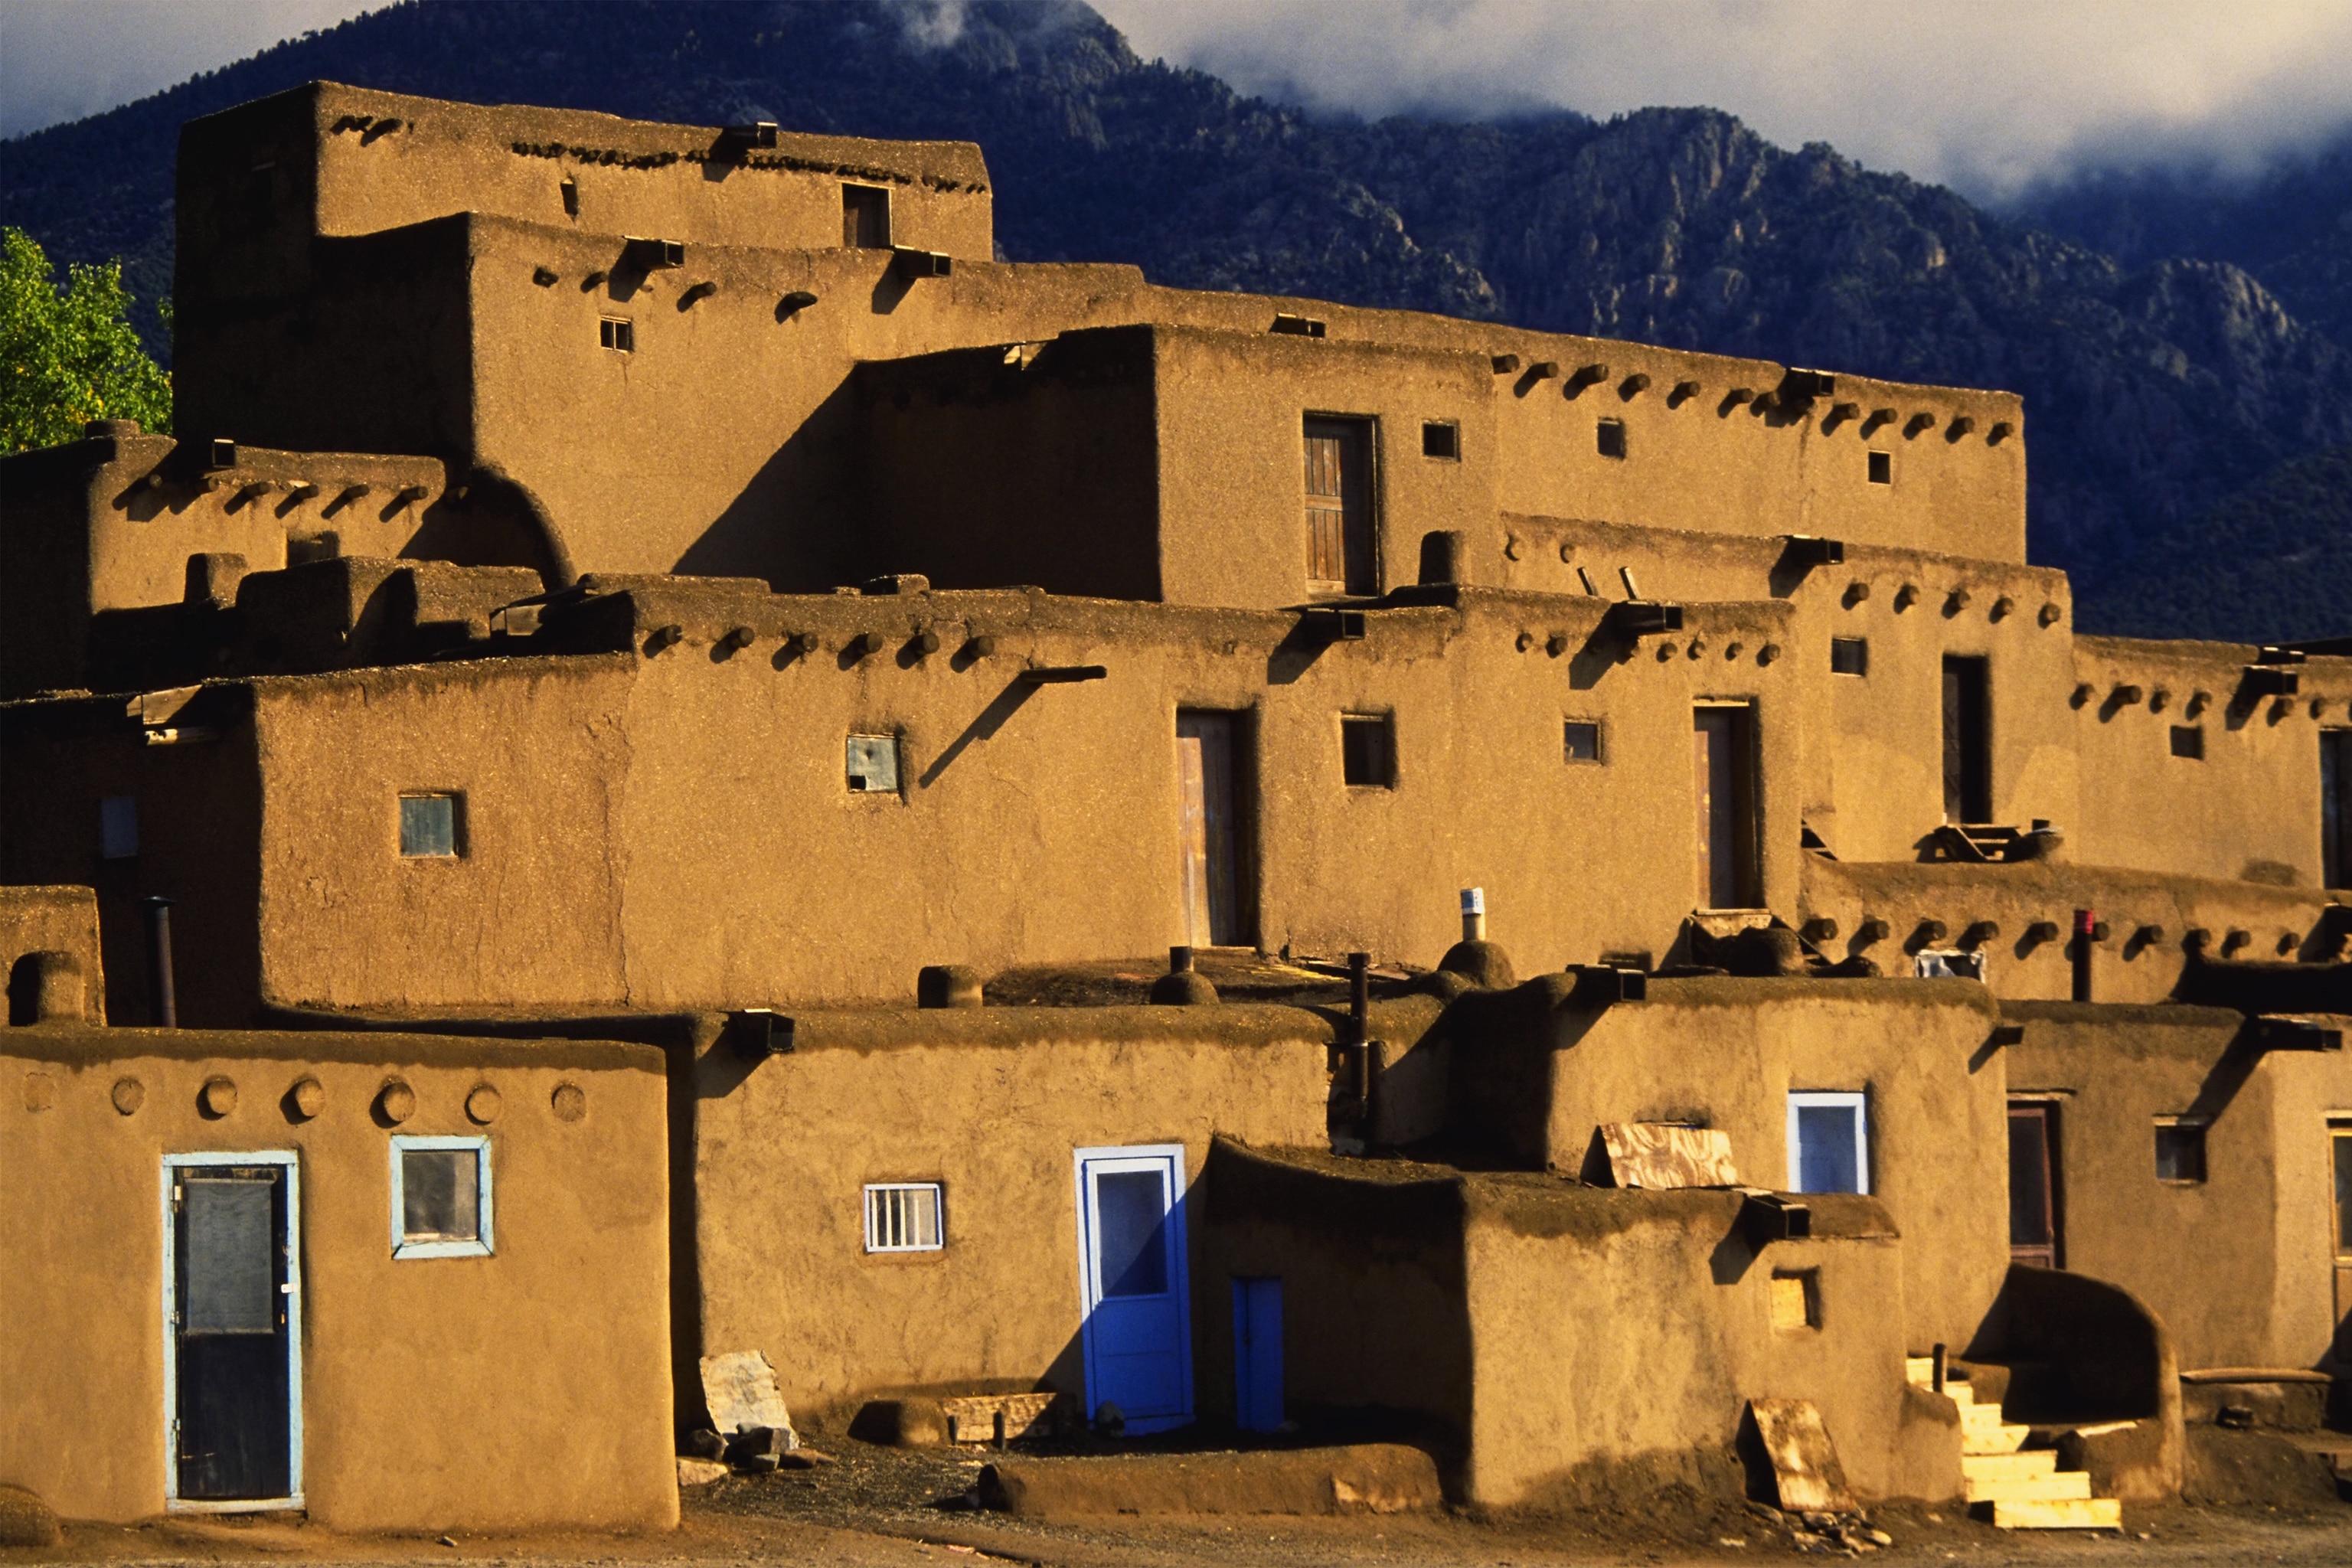 Taos, Novi Meksiko, Sjedinjene Američke Države